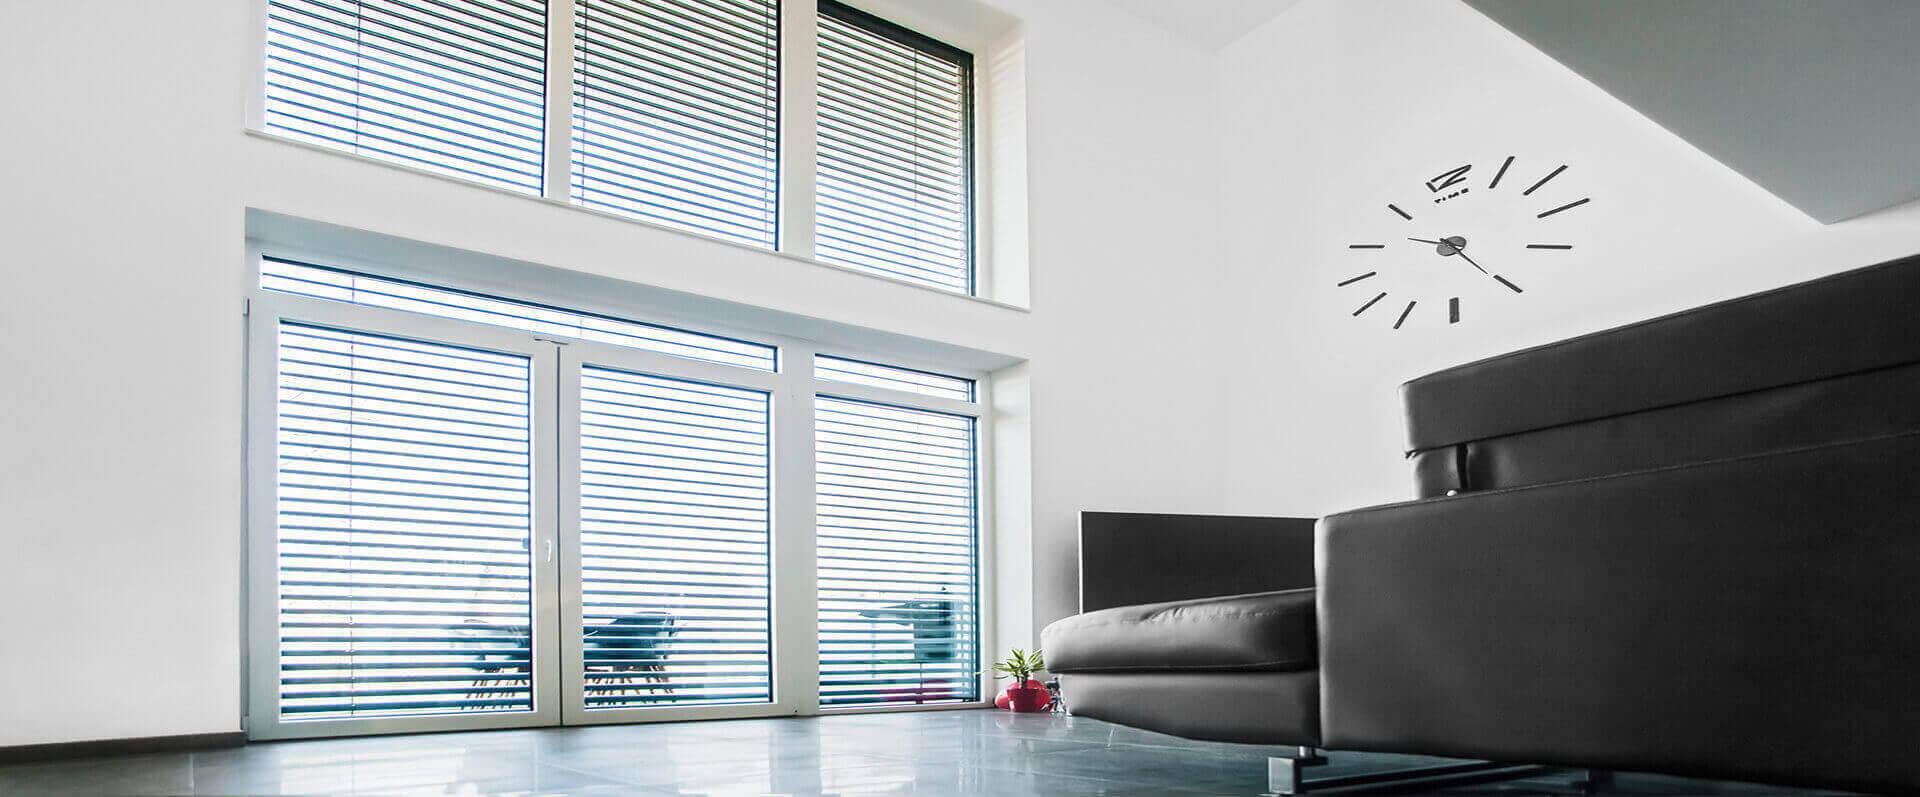 raffstore-anlage-Sonnenschutz-Lamellen-HG-Raumdesign